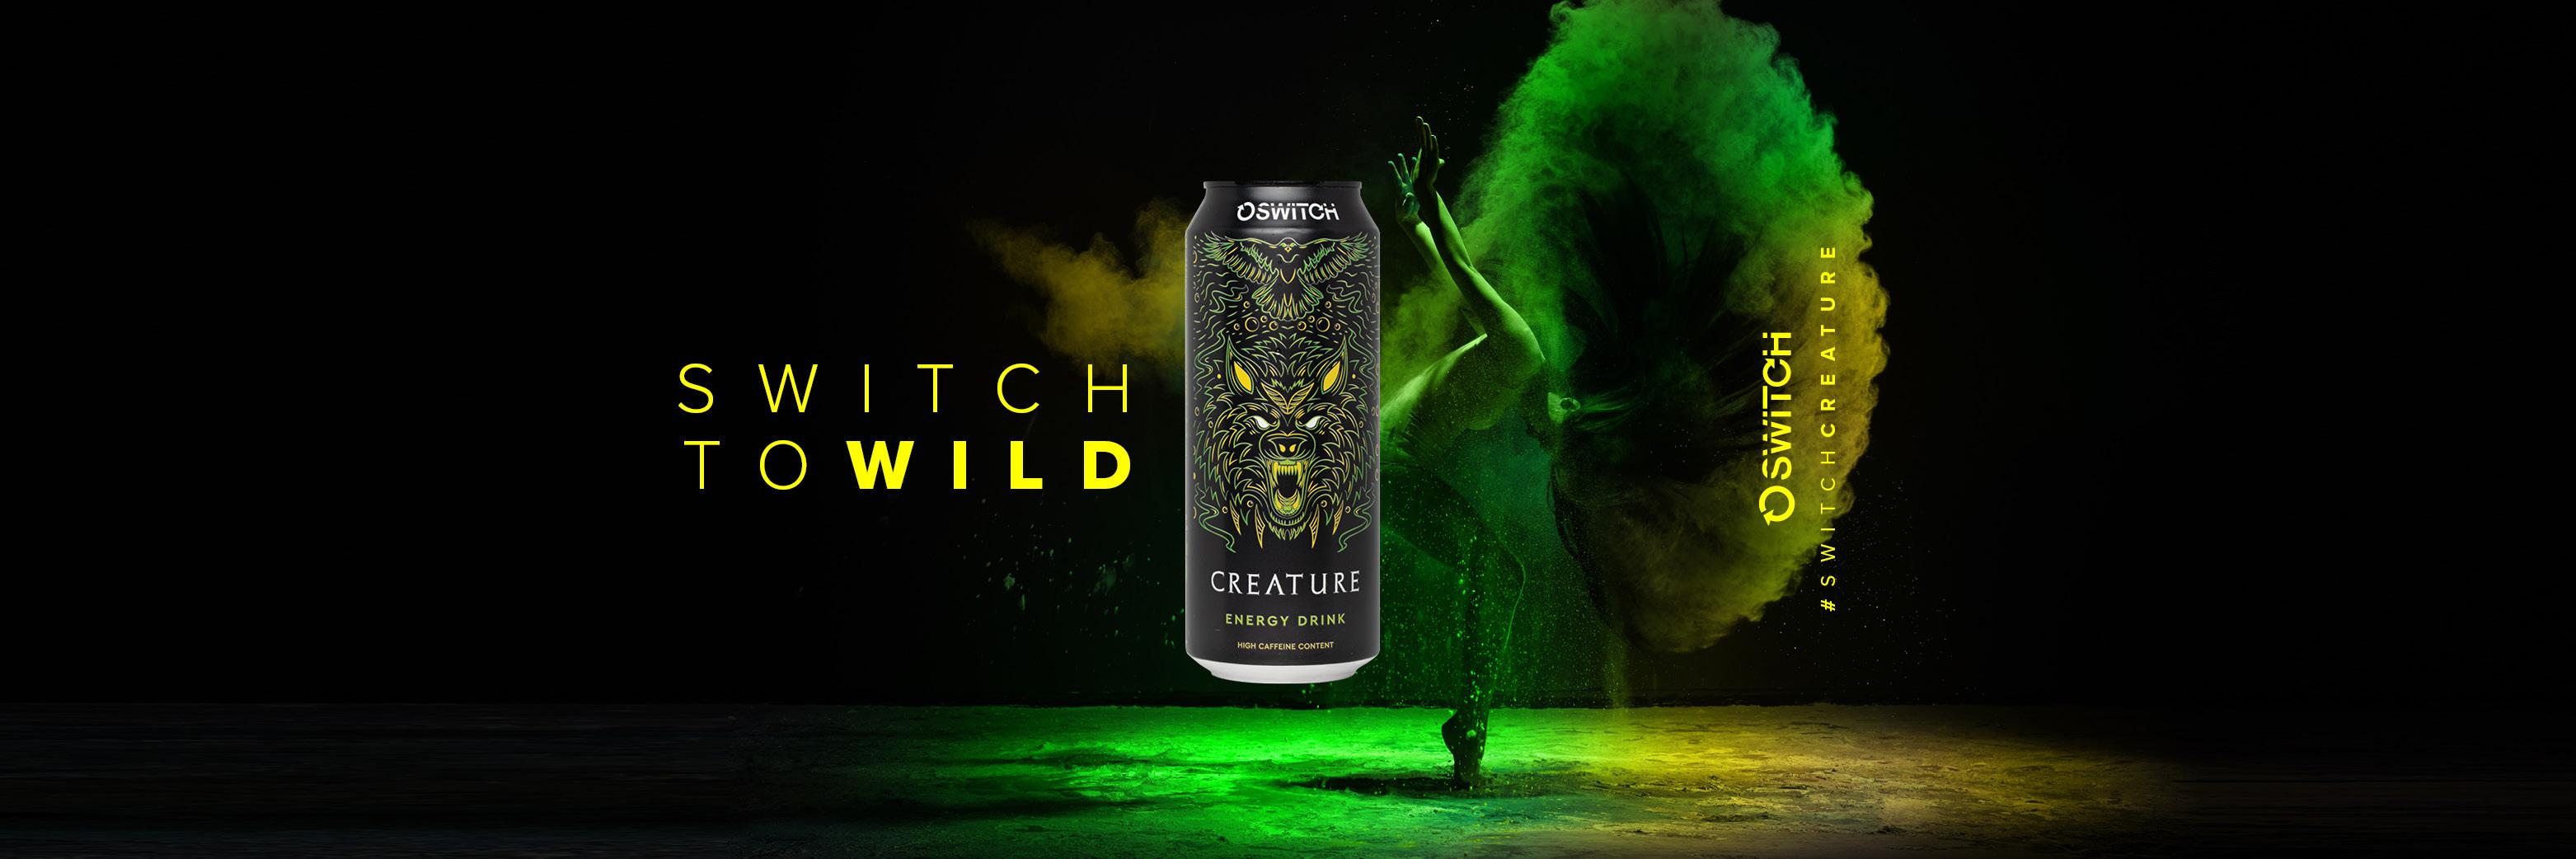 Switch to wild